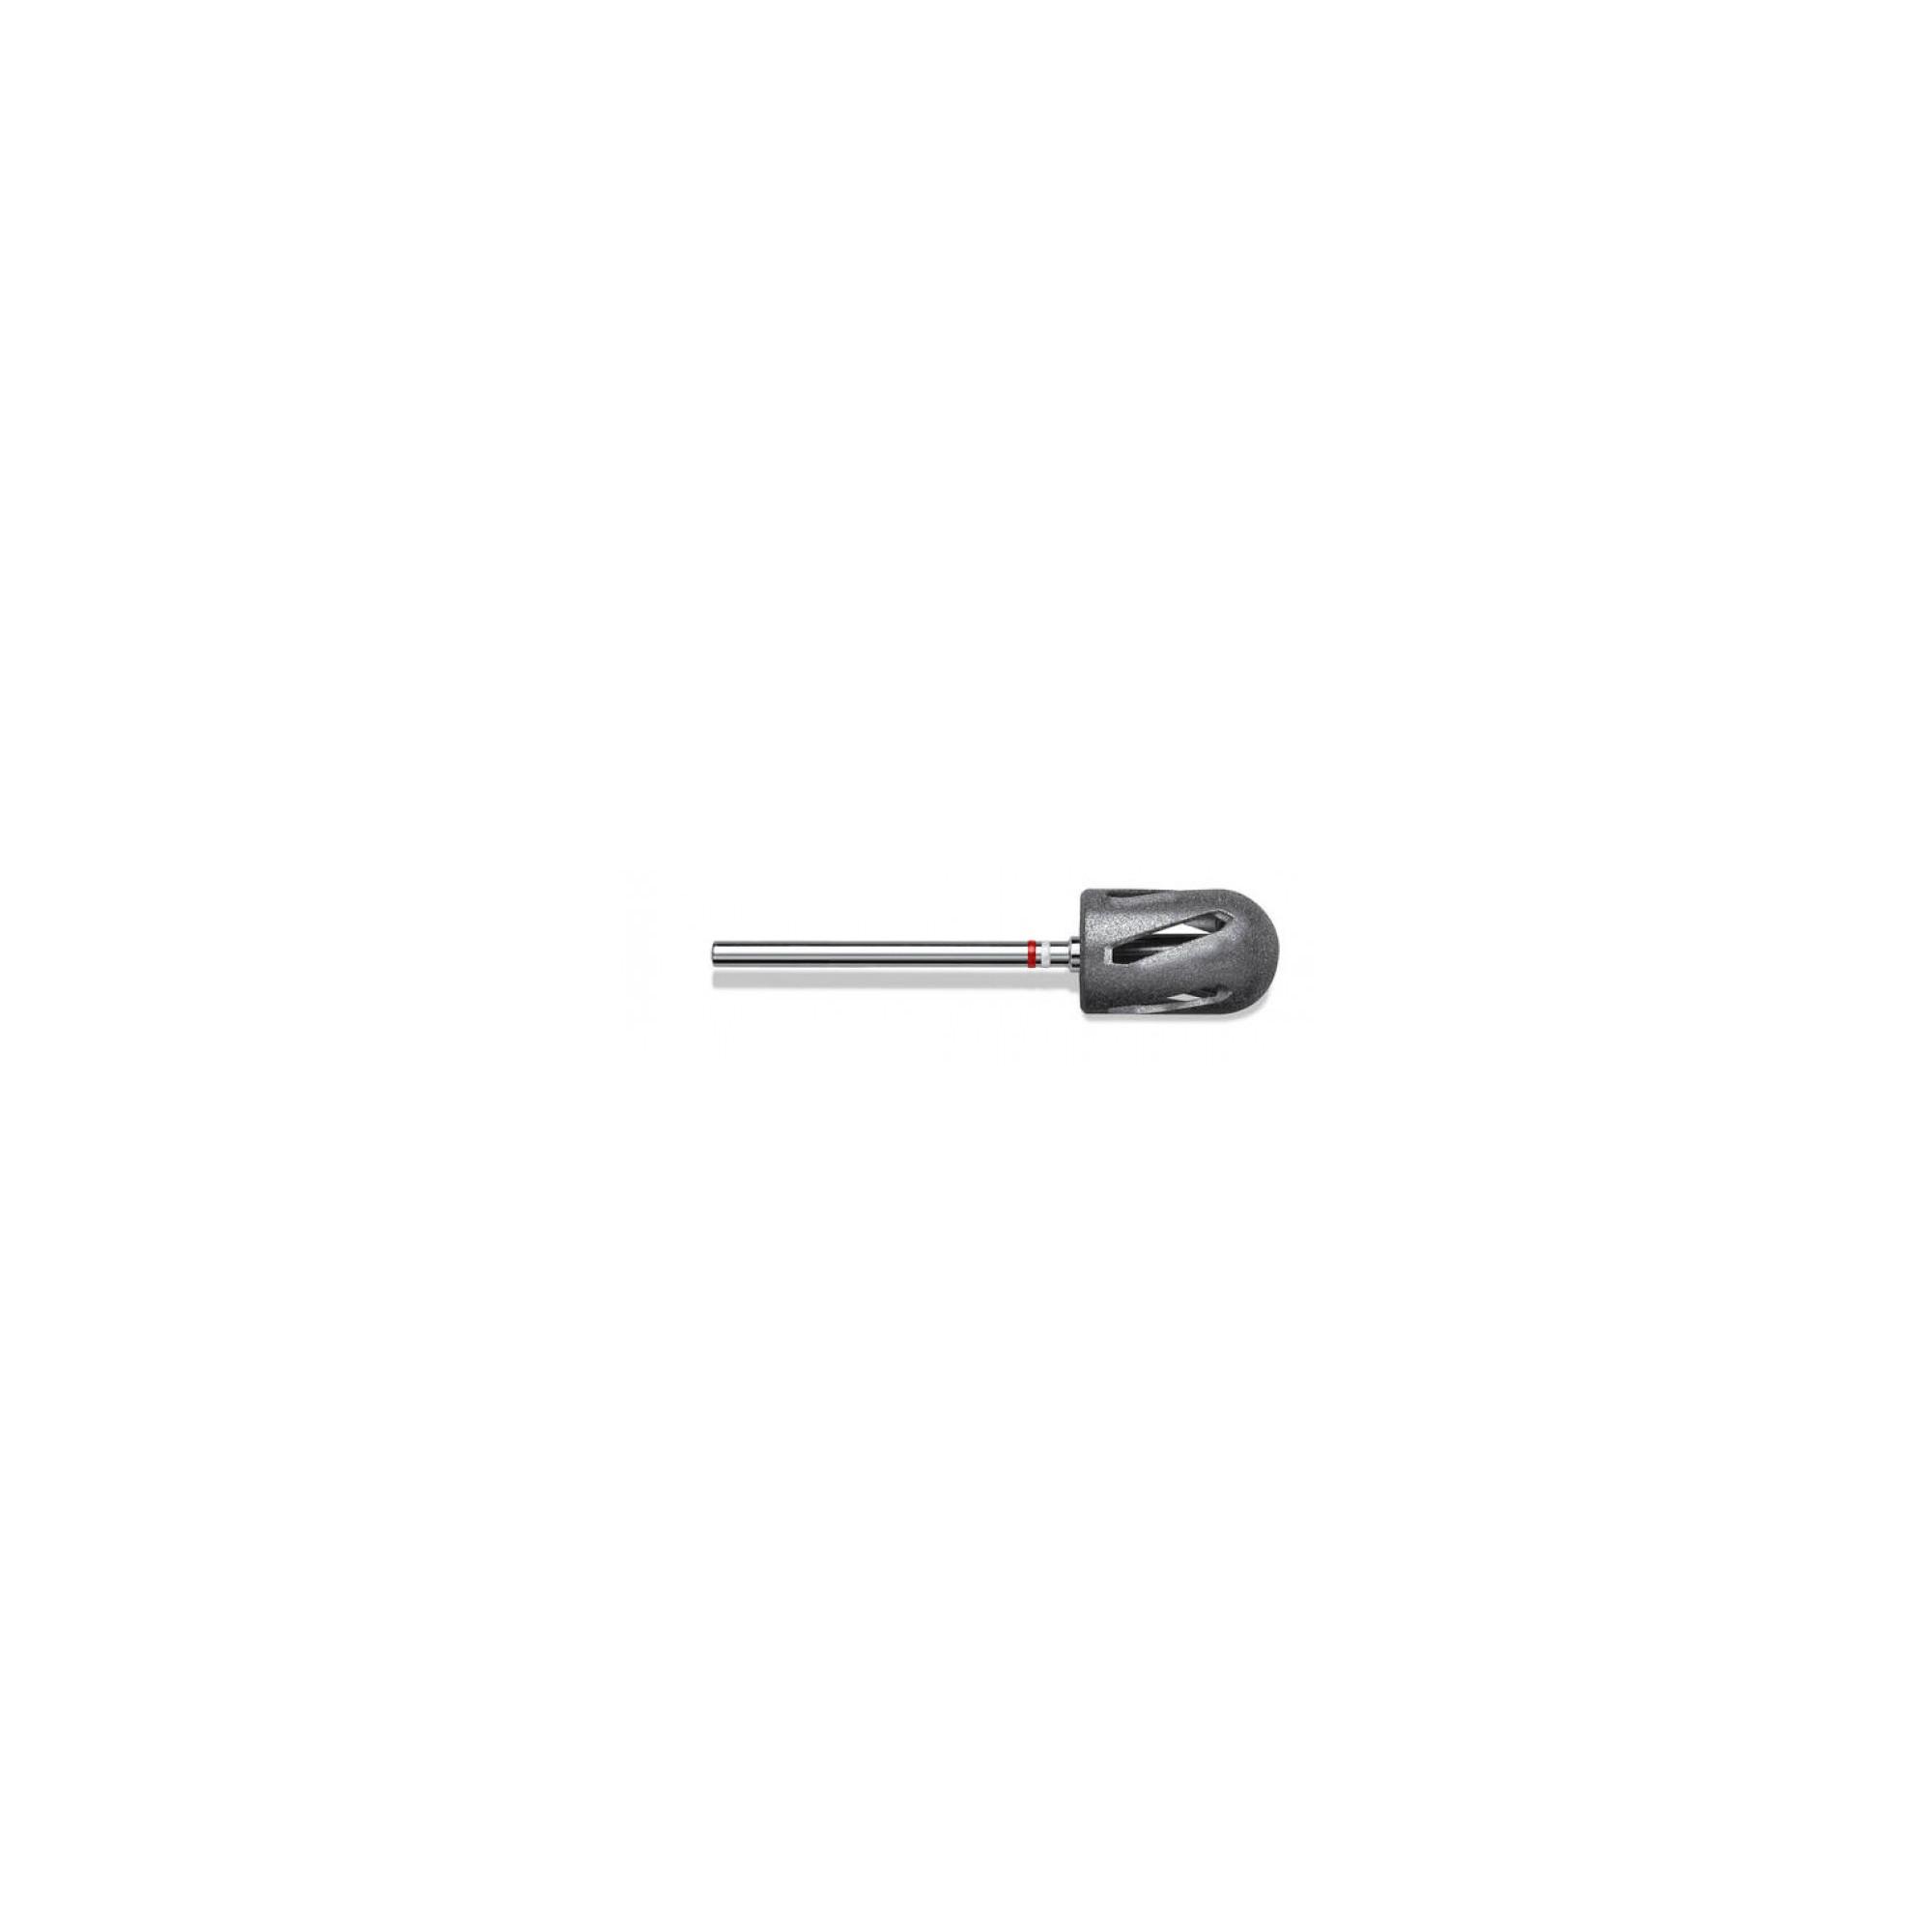 Fraise HYBRID Twister en diamant et céramique - Enlèvement des callosités initiales - Grain fin - ø11,5mm